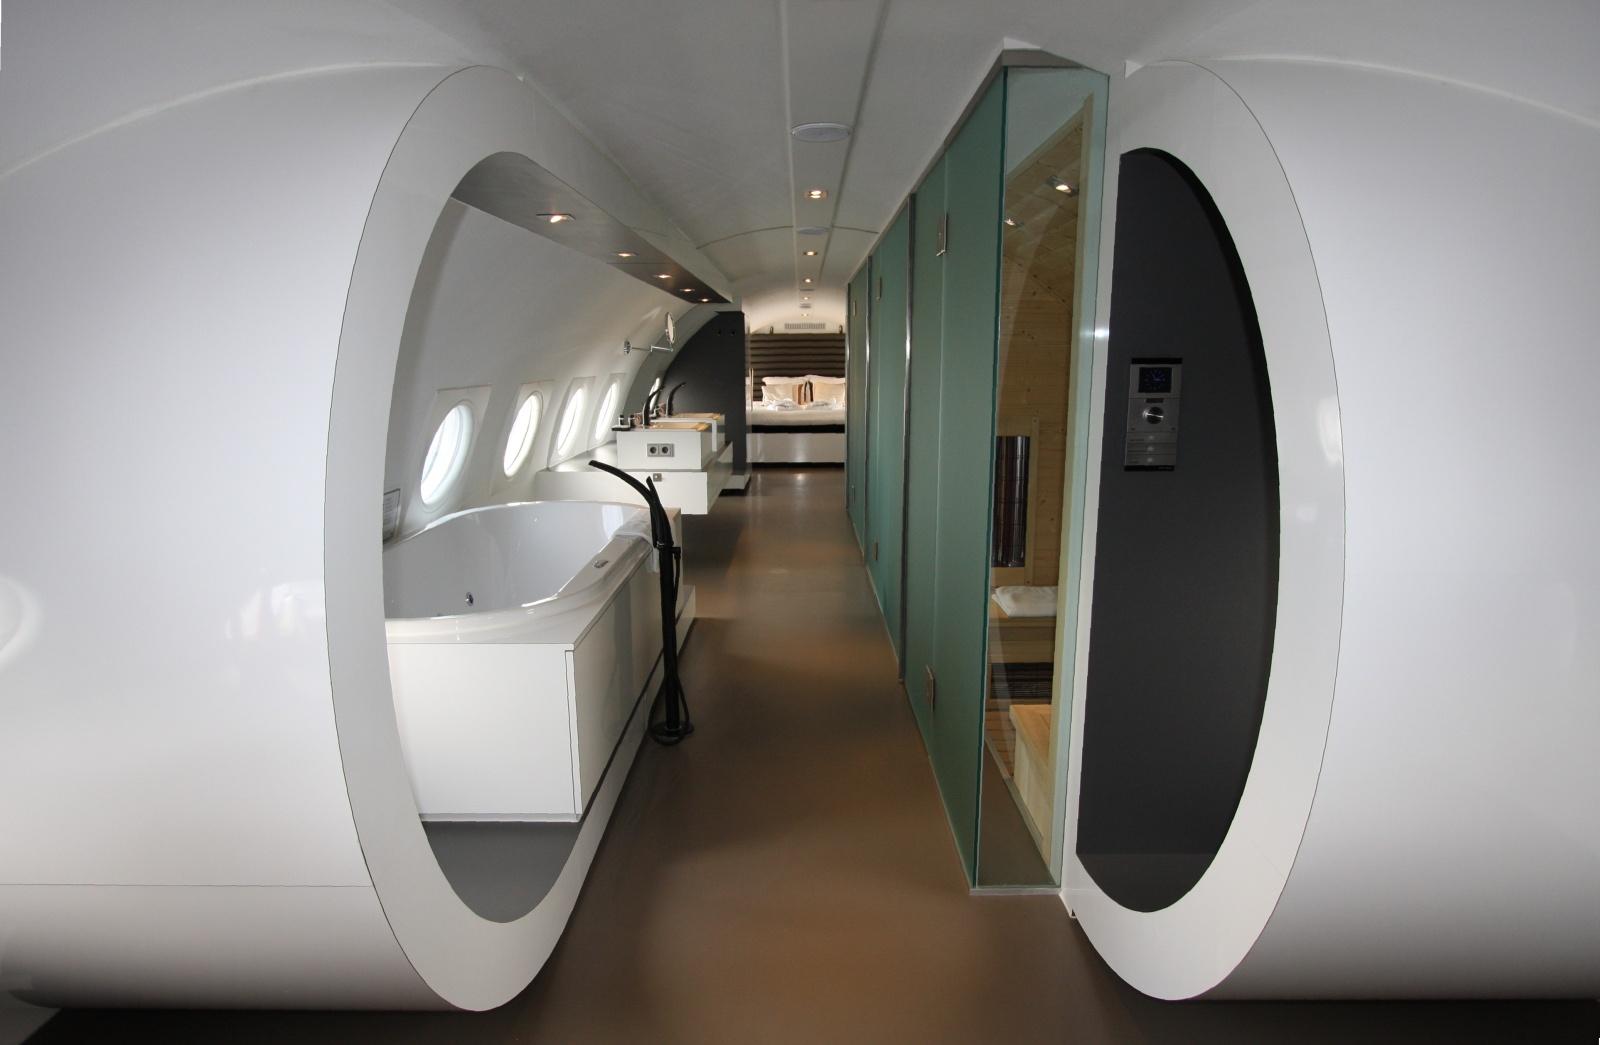 Exceptional Airplane Suite Hotel Suites NL Design Ideas